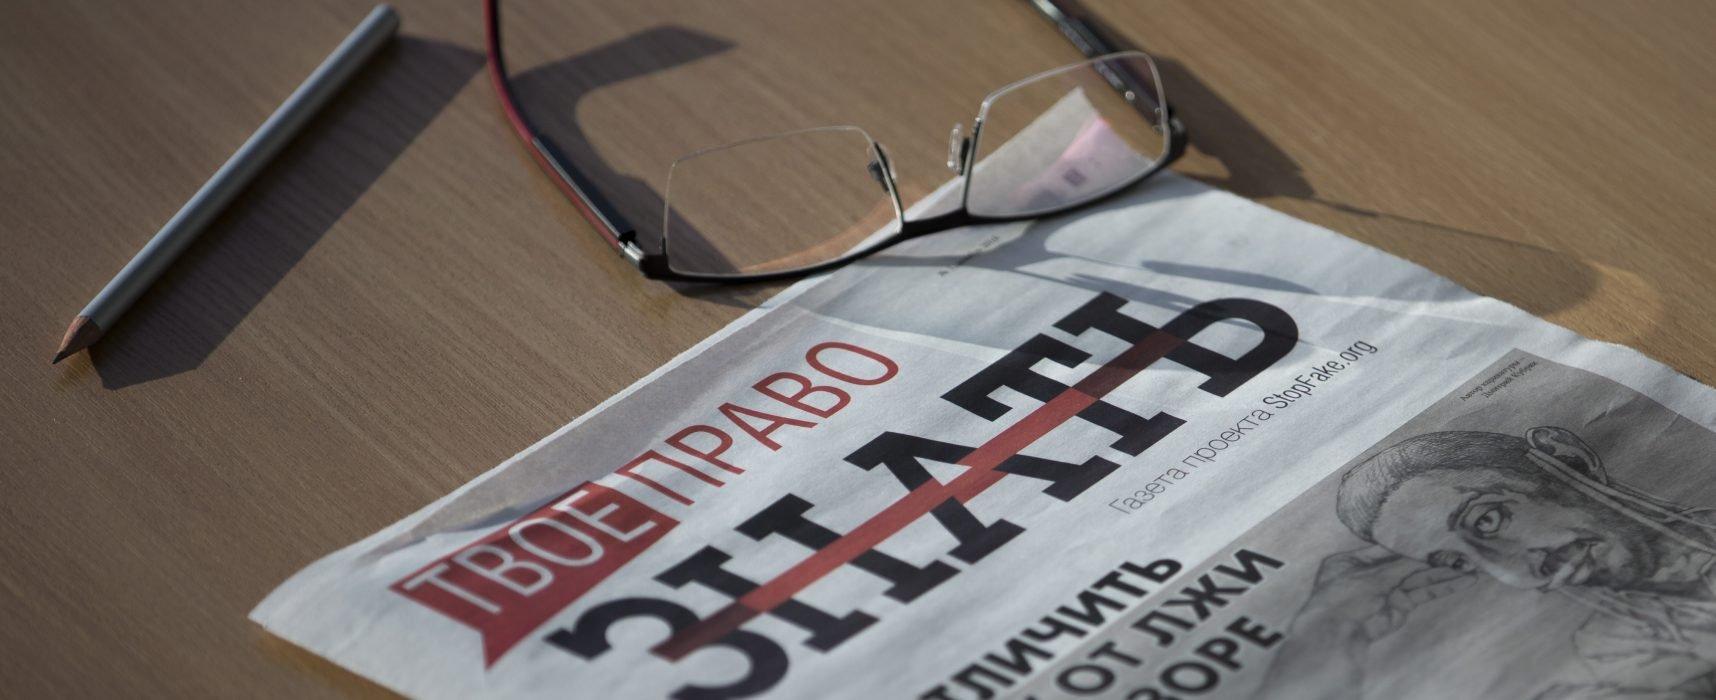 Stopfake започна да издава вестник, предназначен за жителите на Донбас